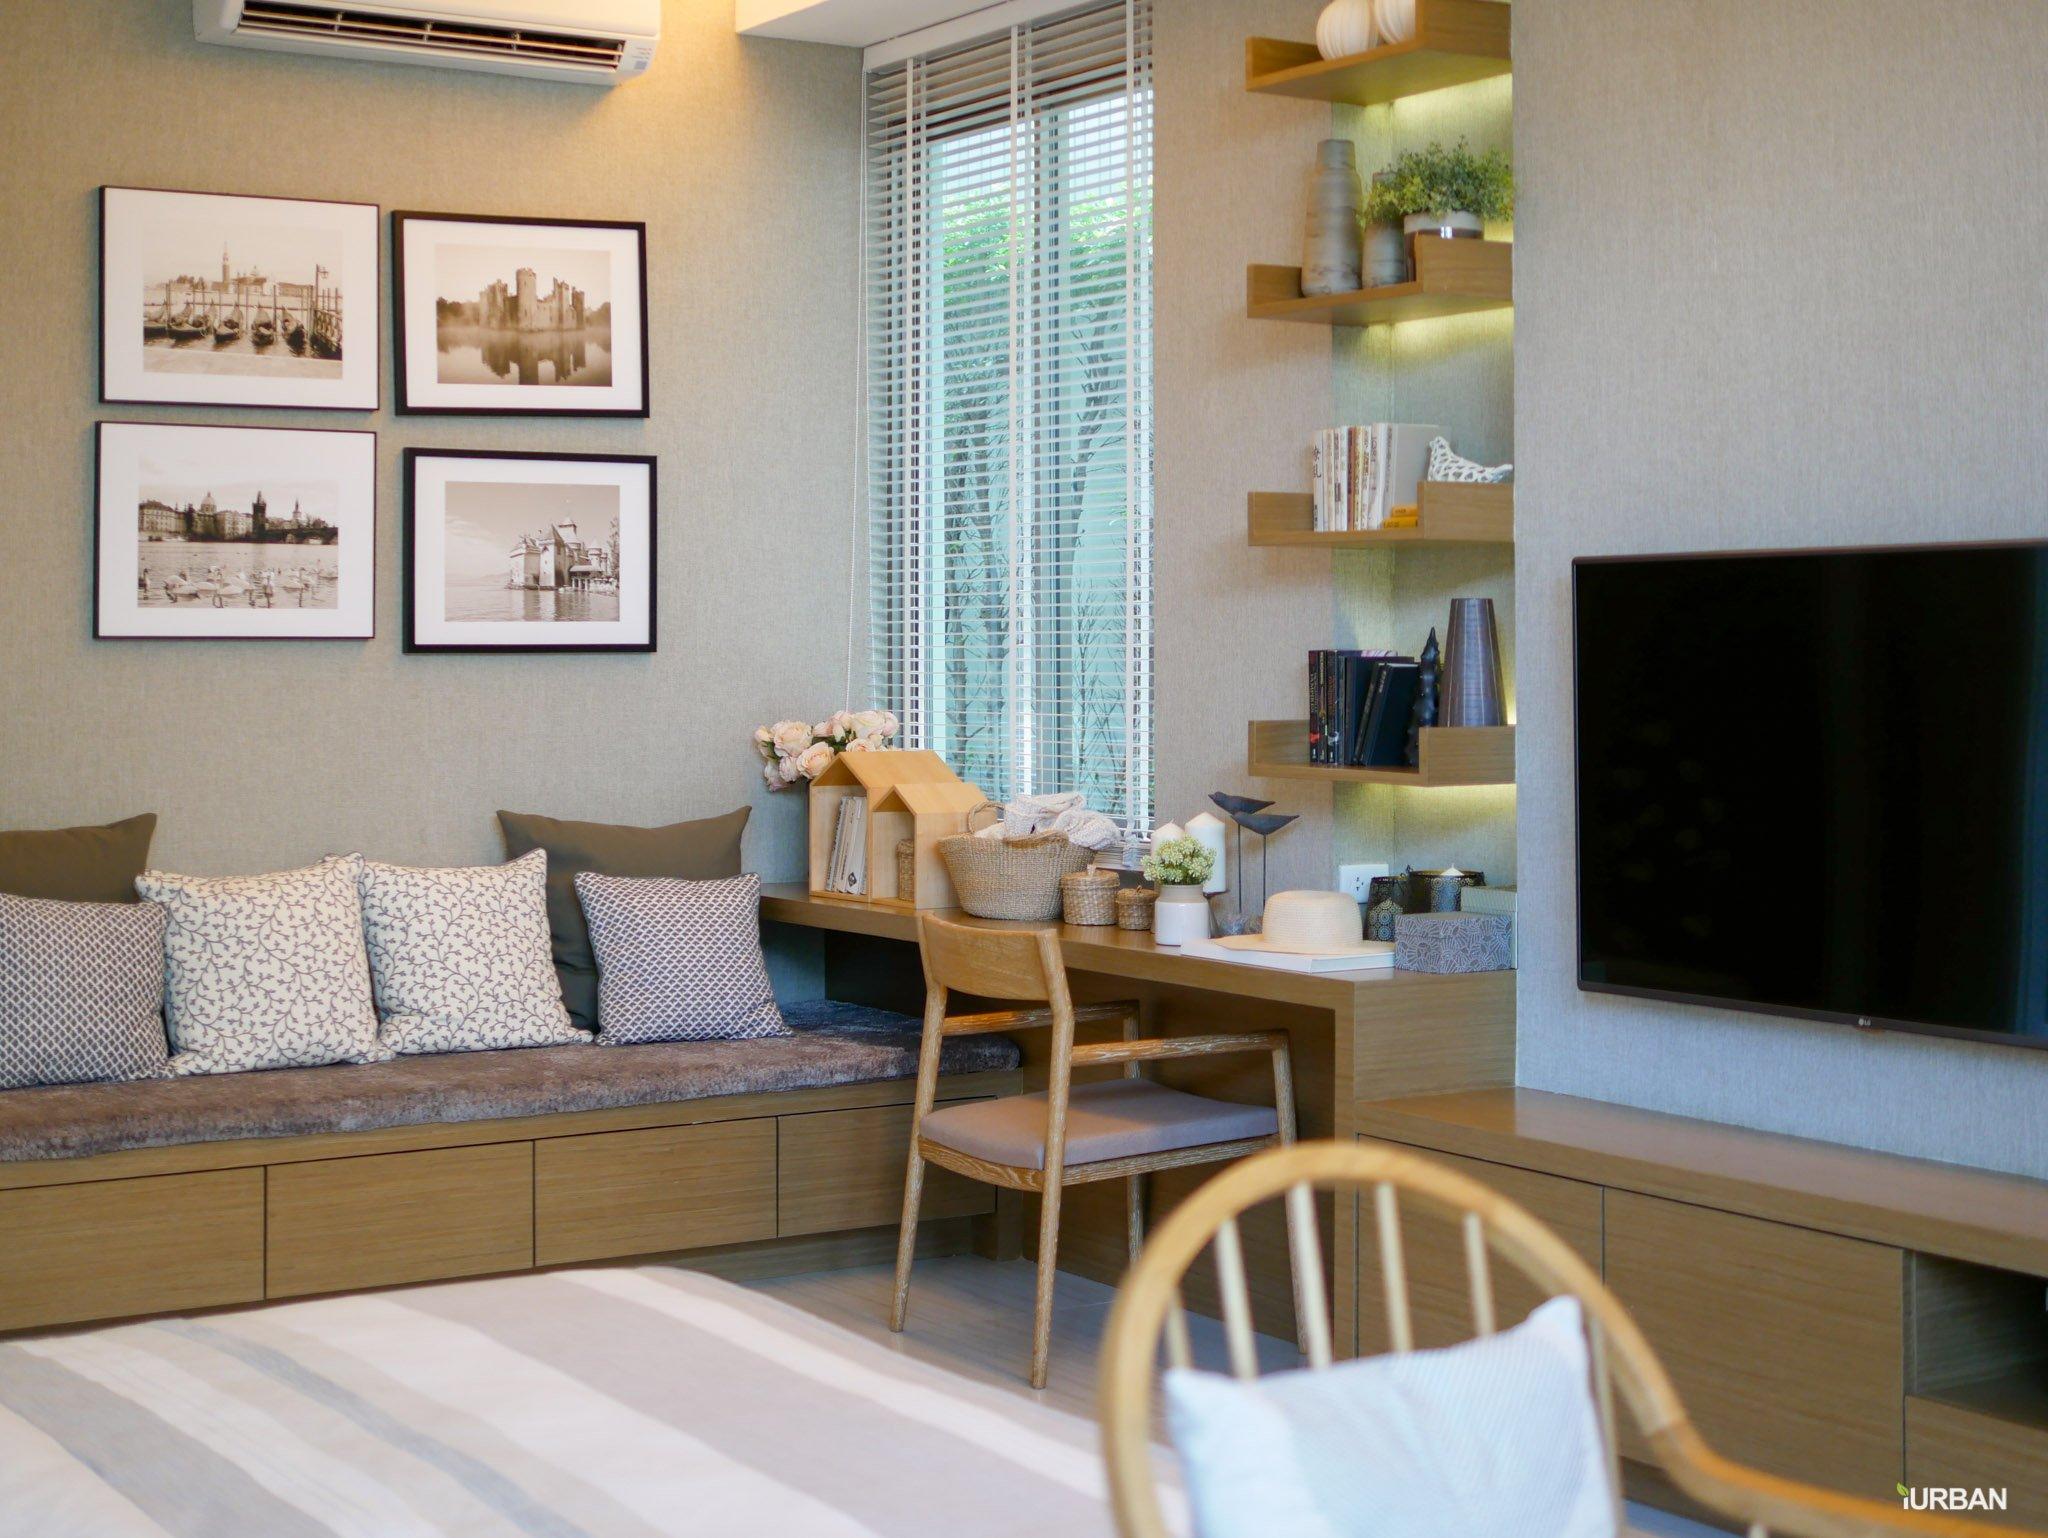 รีวิว Nirvana Beyond พระราม 2 บ้านที่ออกแบบทุกดีเทลเพื่อความสุขทุก GEN ของครอบครัวใหญ่ 73 - Beyond